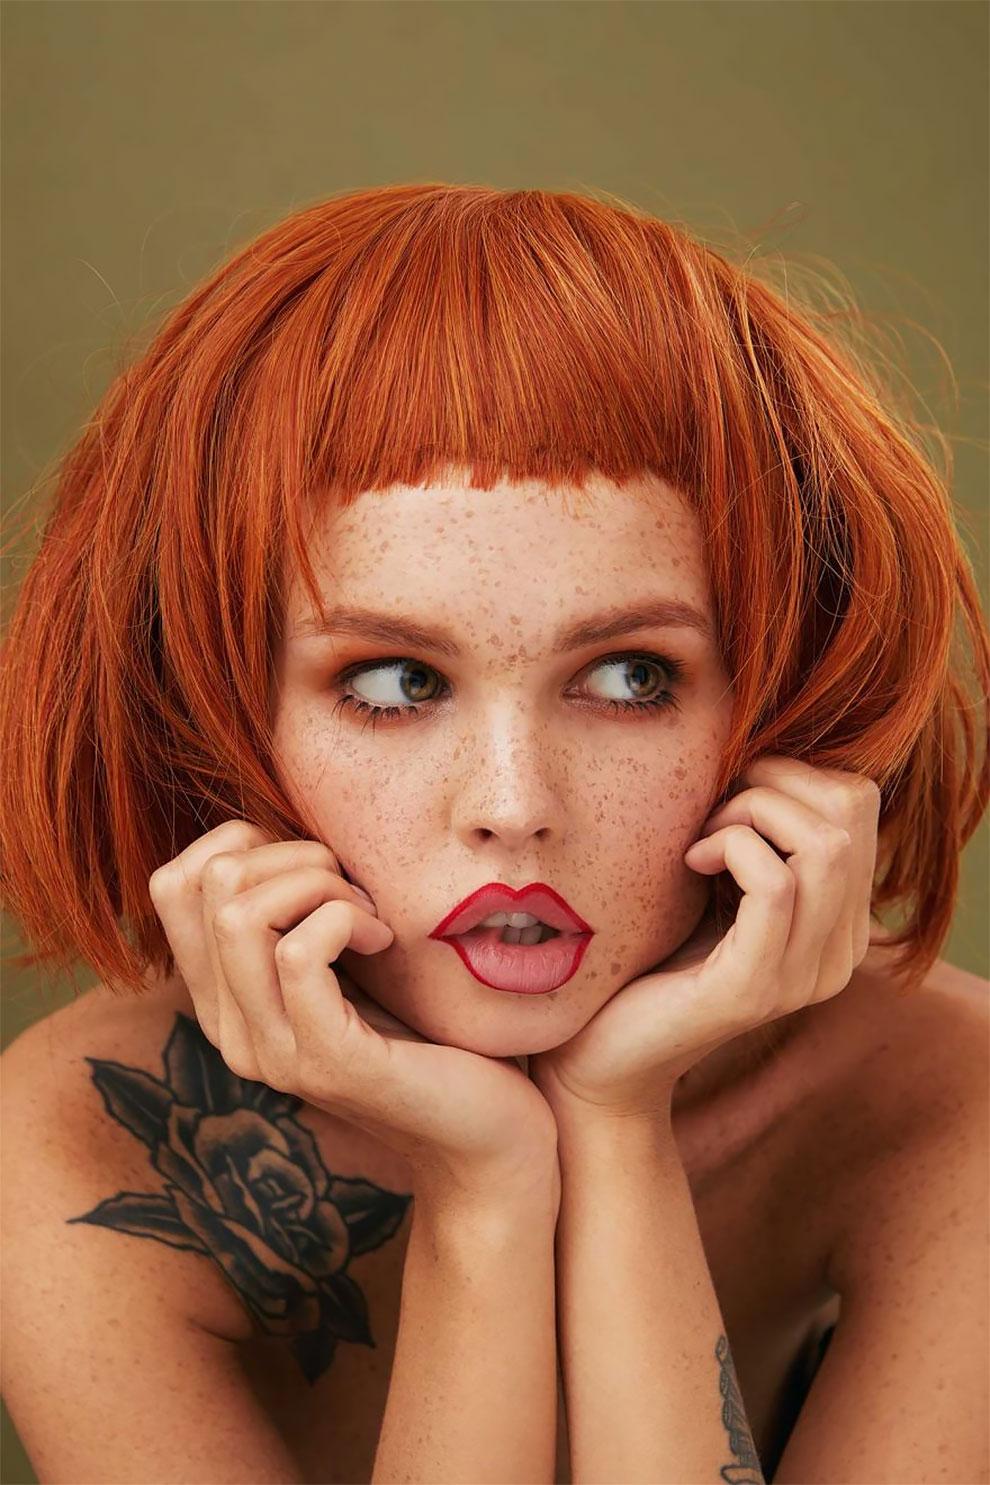 «Девушка с веснушками»: портреты фотографа Ксении Ветровой